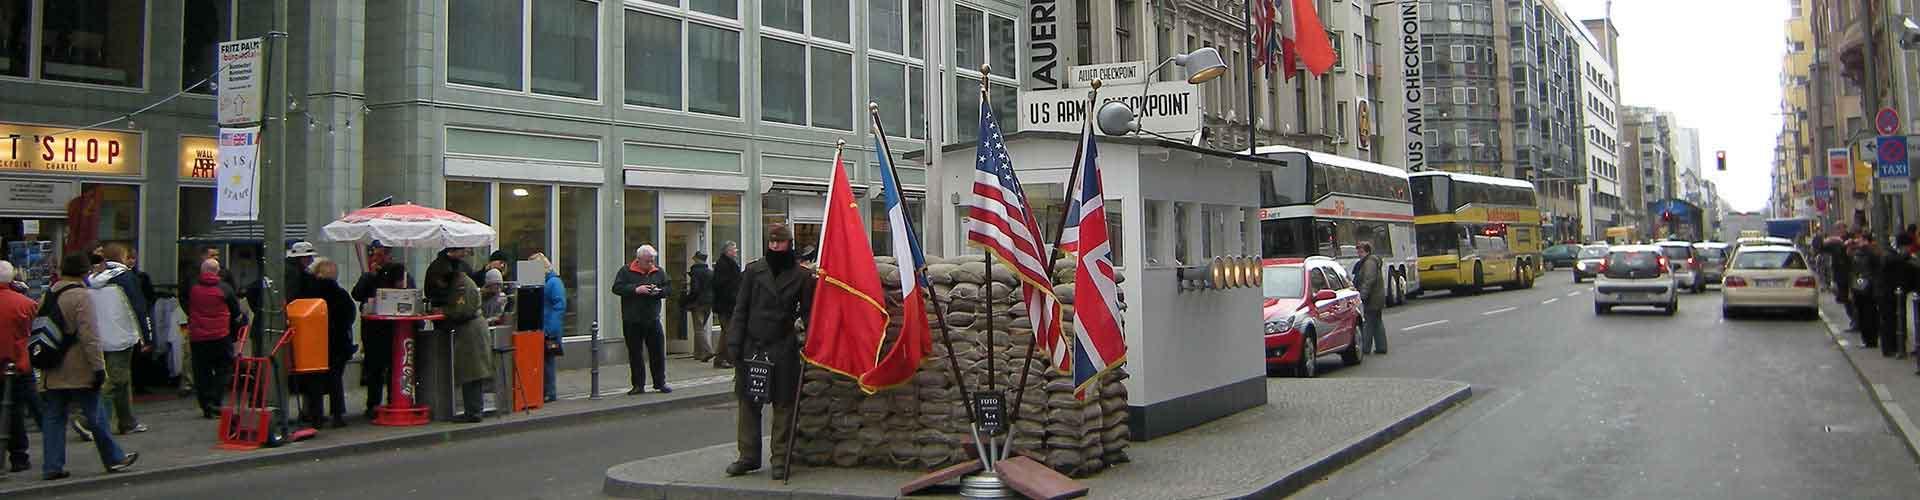 Berlin - Hostele w pobliżu: Checkpoint Charlie. Mapy: Berlin, Zdjęcia i Recenzje dla każdego hostelu w mieście: Berlin.